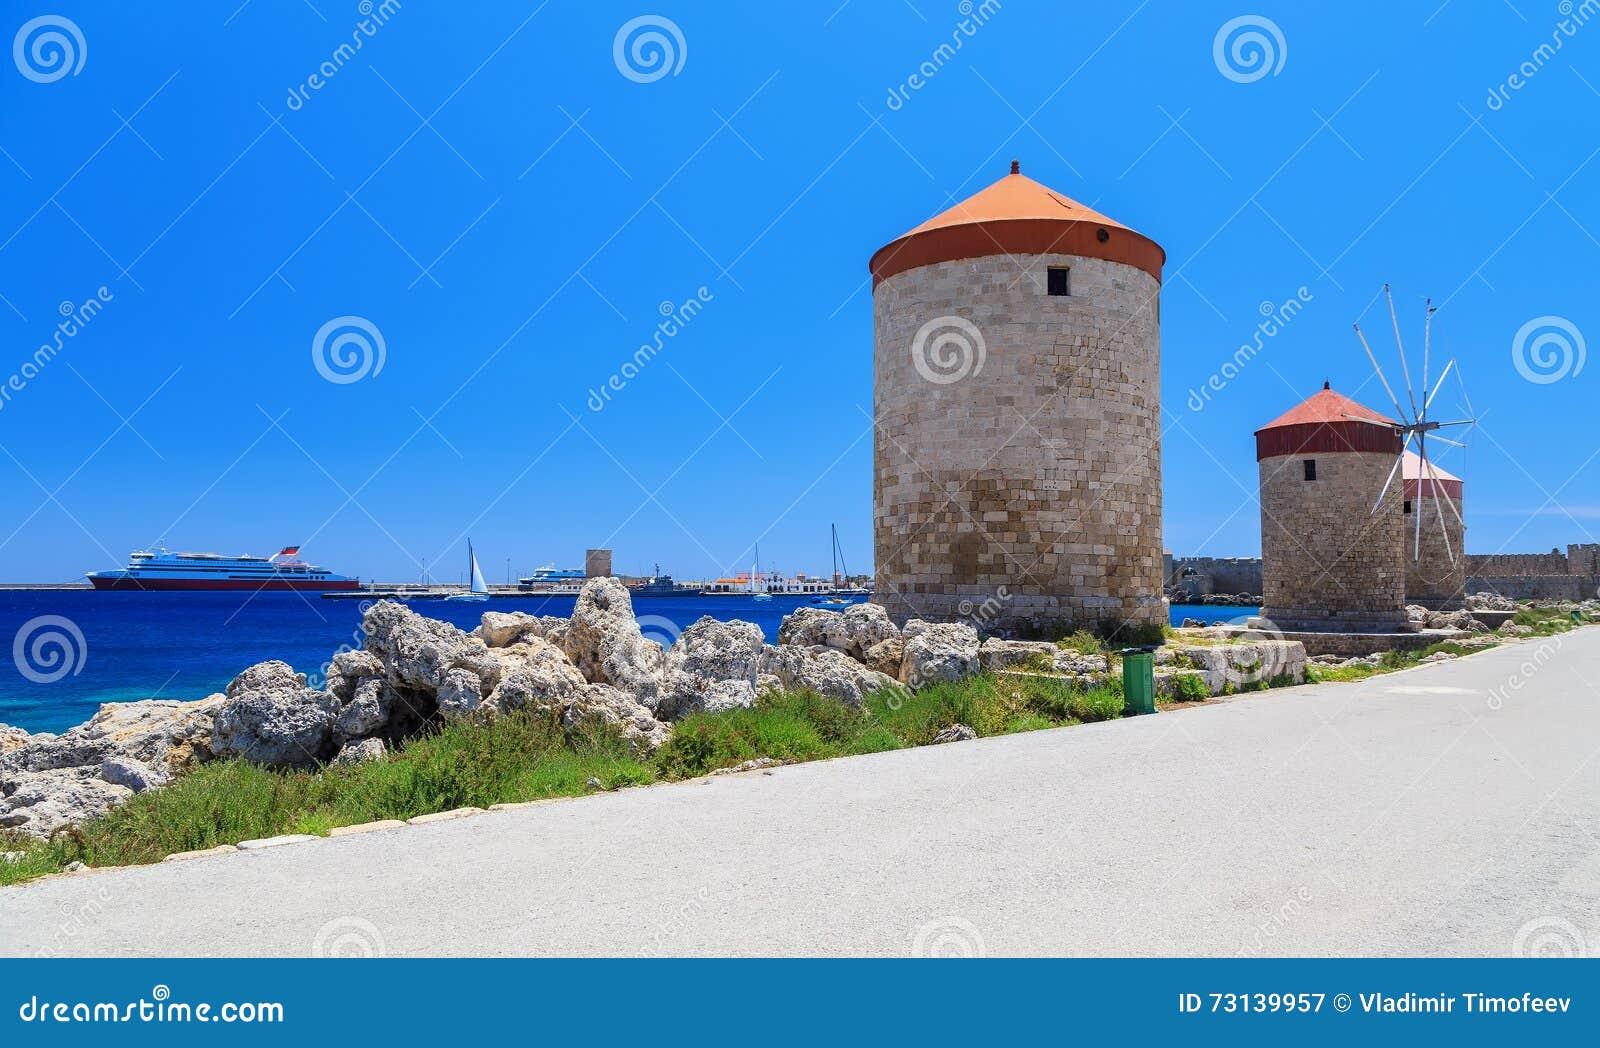 De molens van Rhodos op de achtergrond van de overzeese baai en de haven zonnige dag